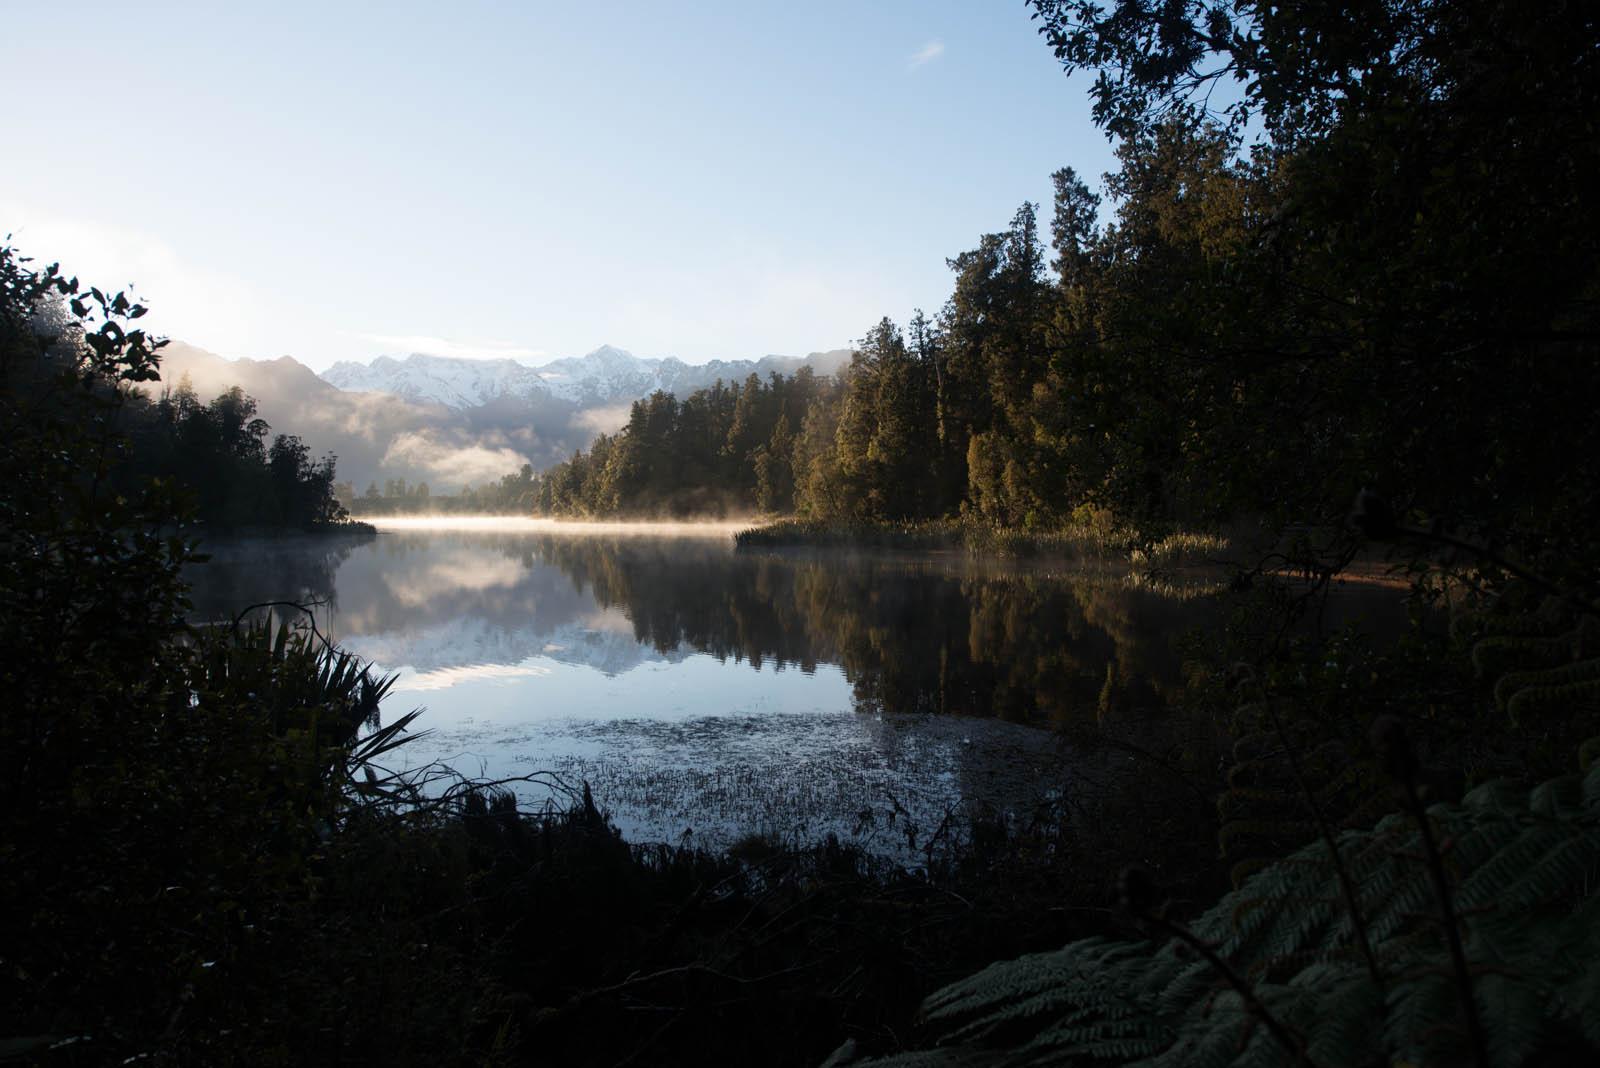 New Zealand - Lake Matheson at Sunrise - original